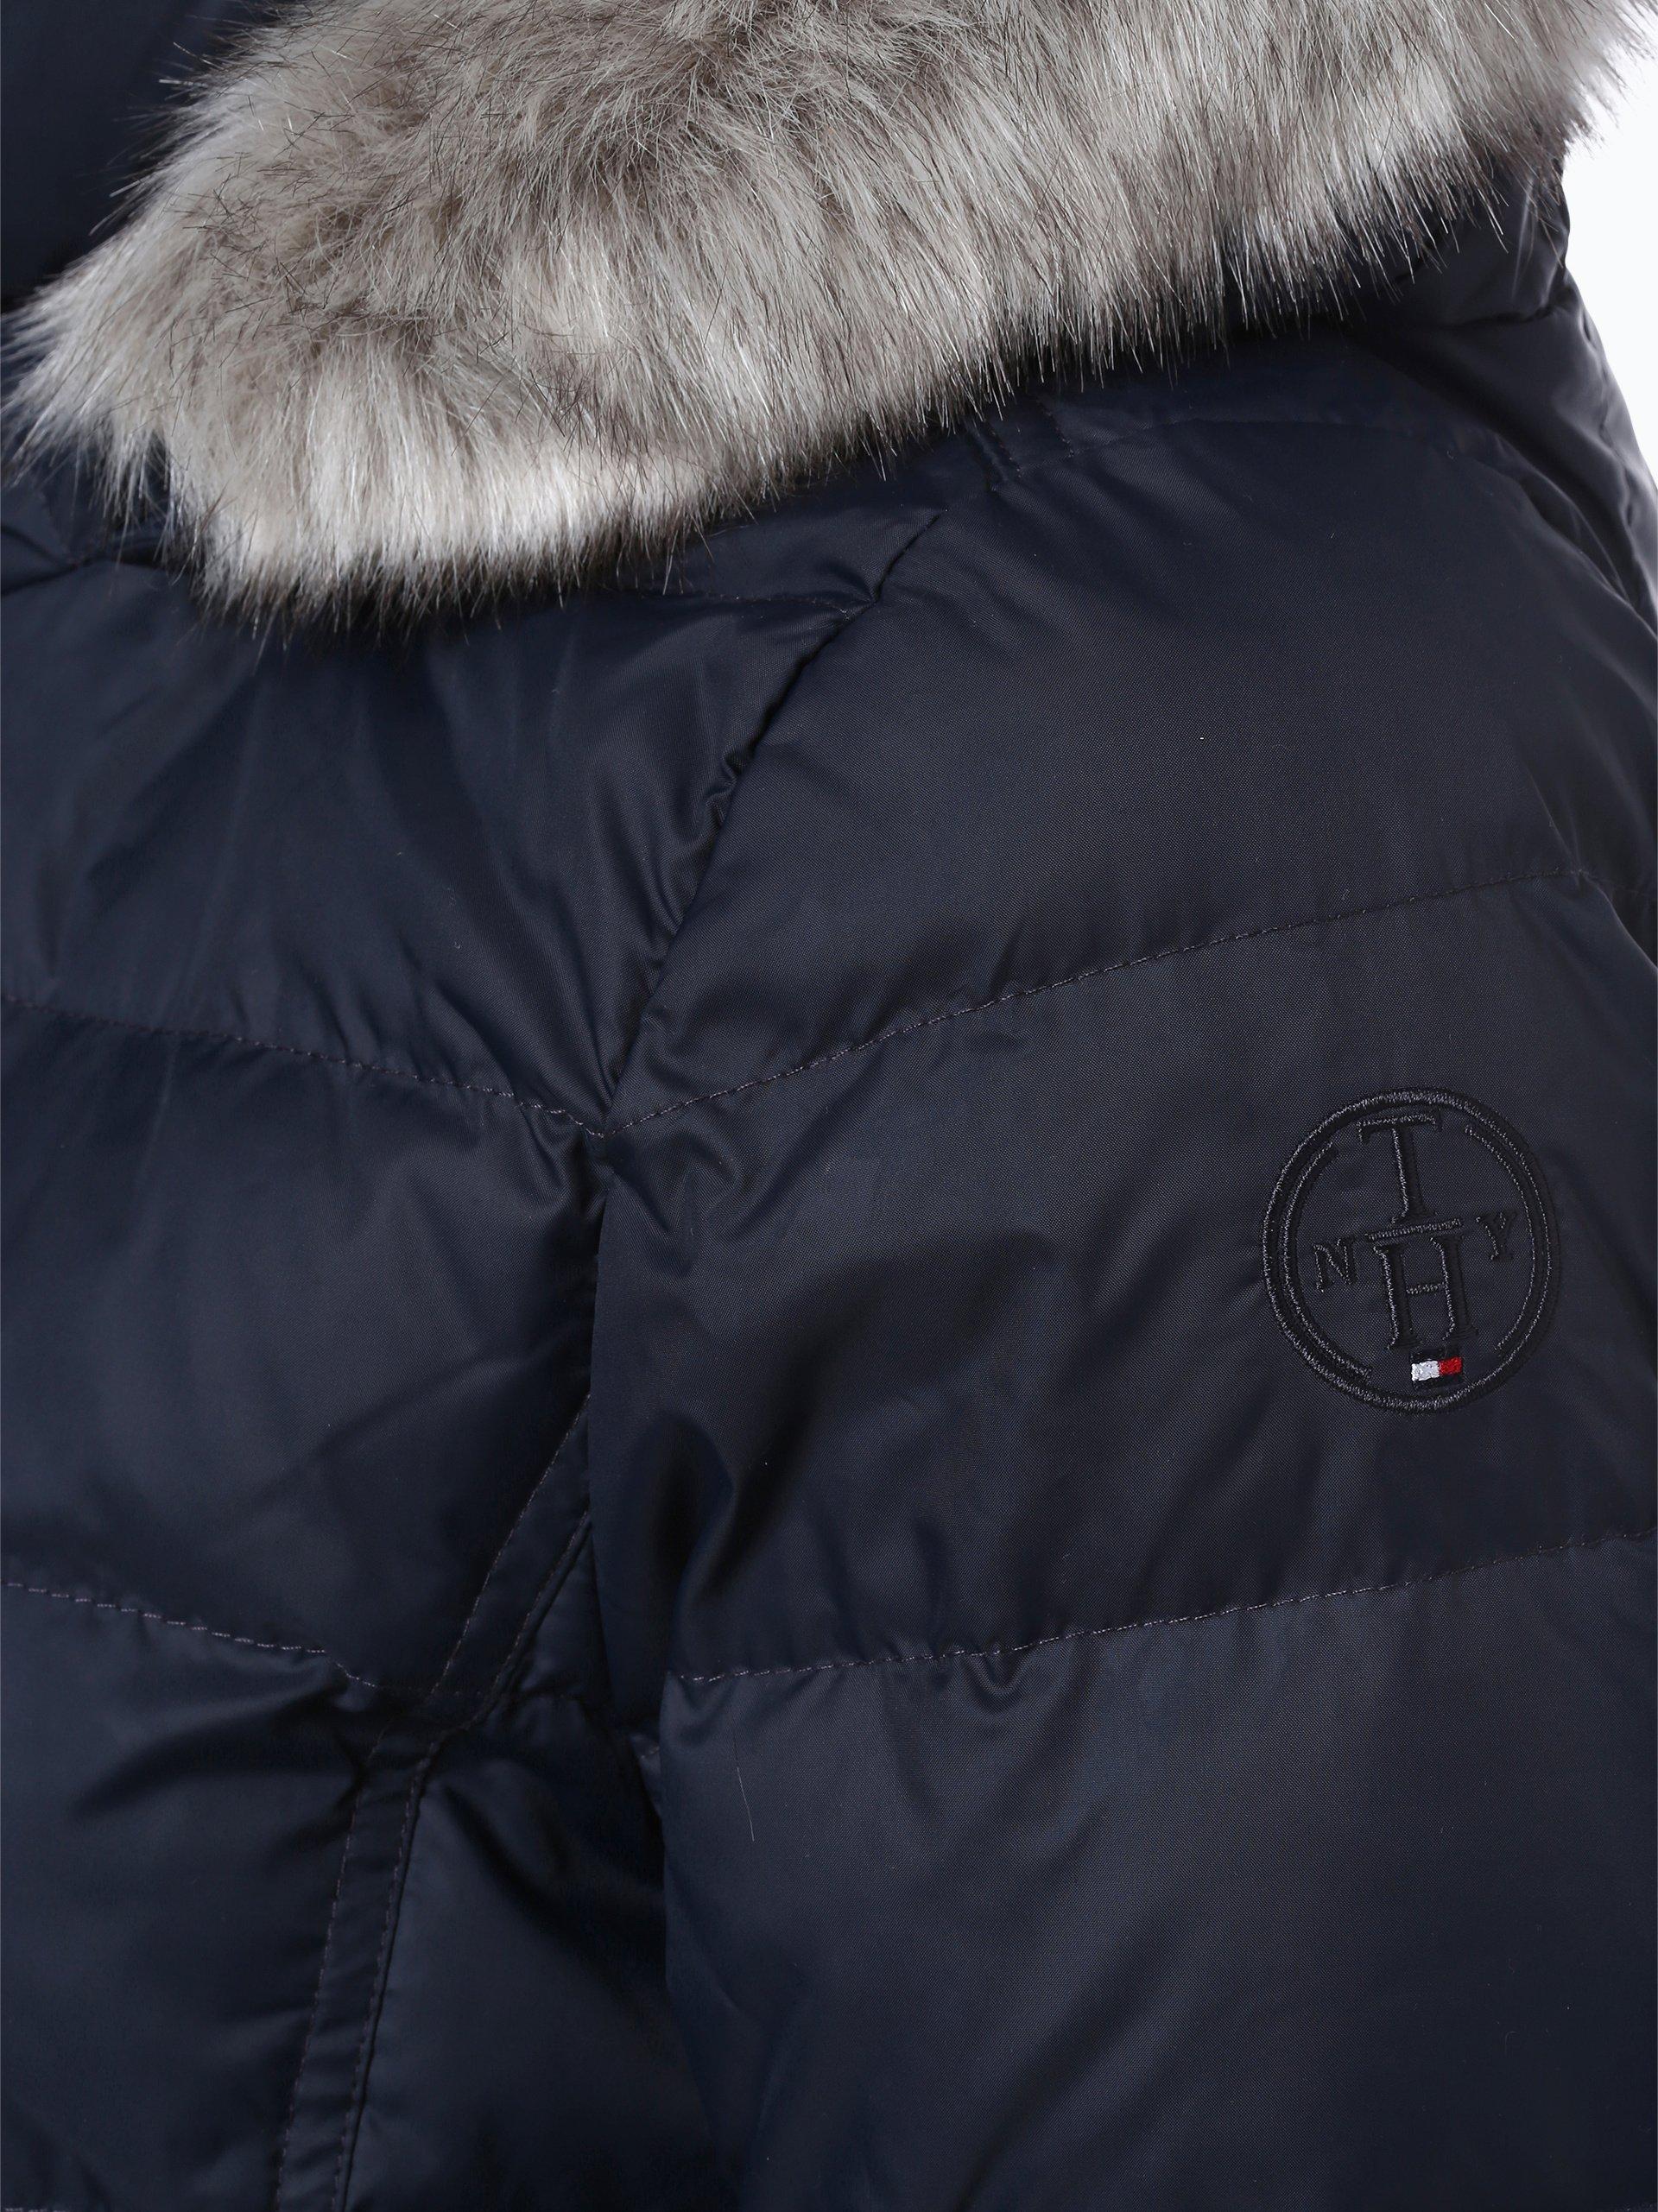 Peek und cloppenburg tommy hilfiger mantel